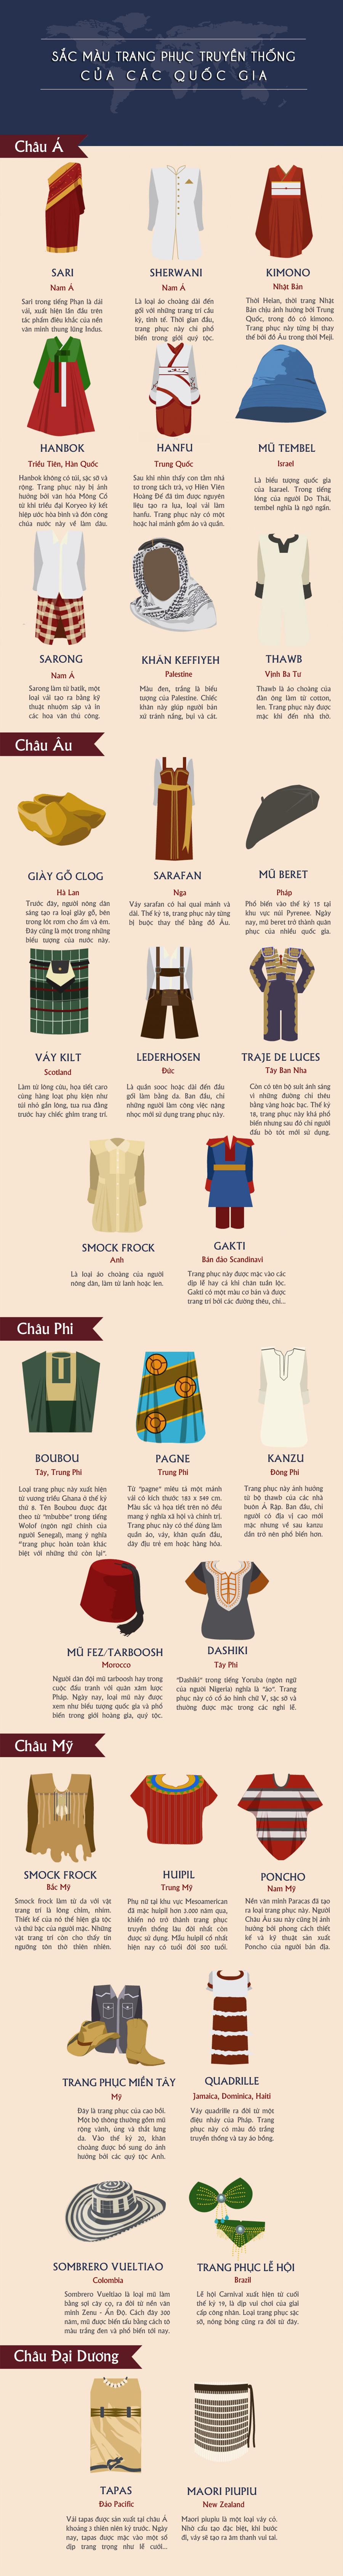 Trang phục truyền thống của các quốc gia